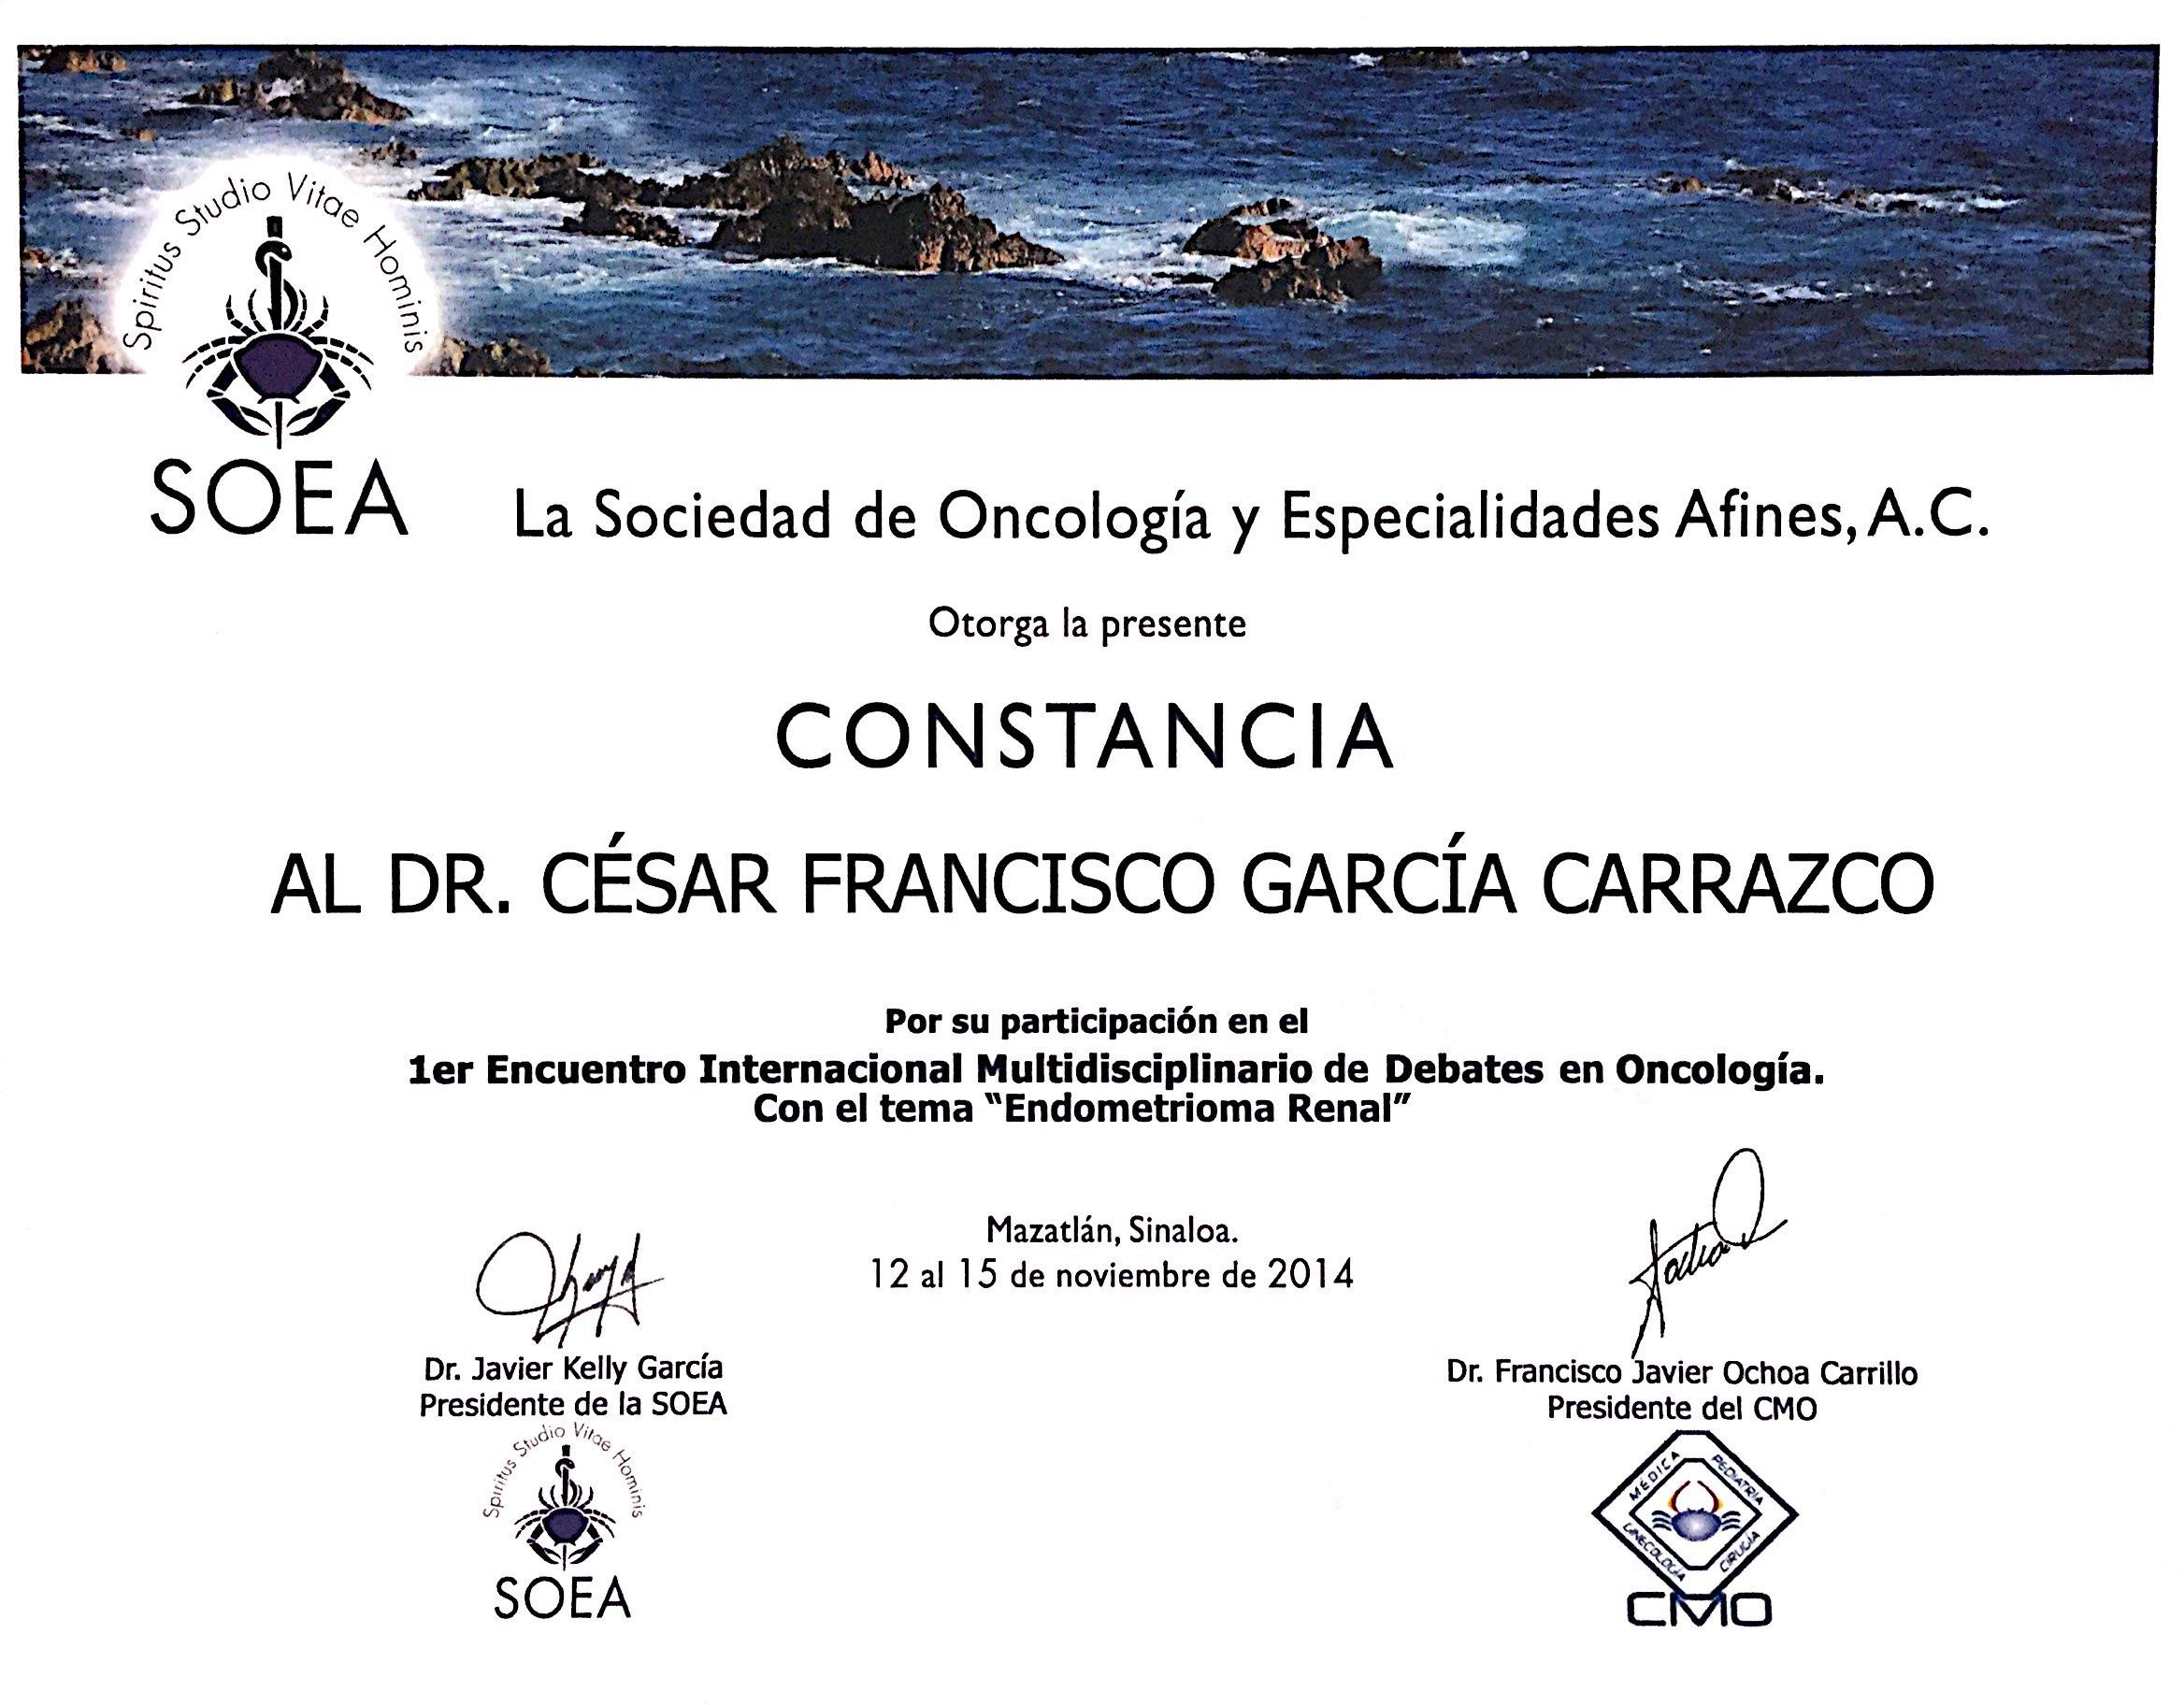 Dr. Garcia Carrazco_43